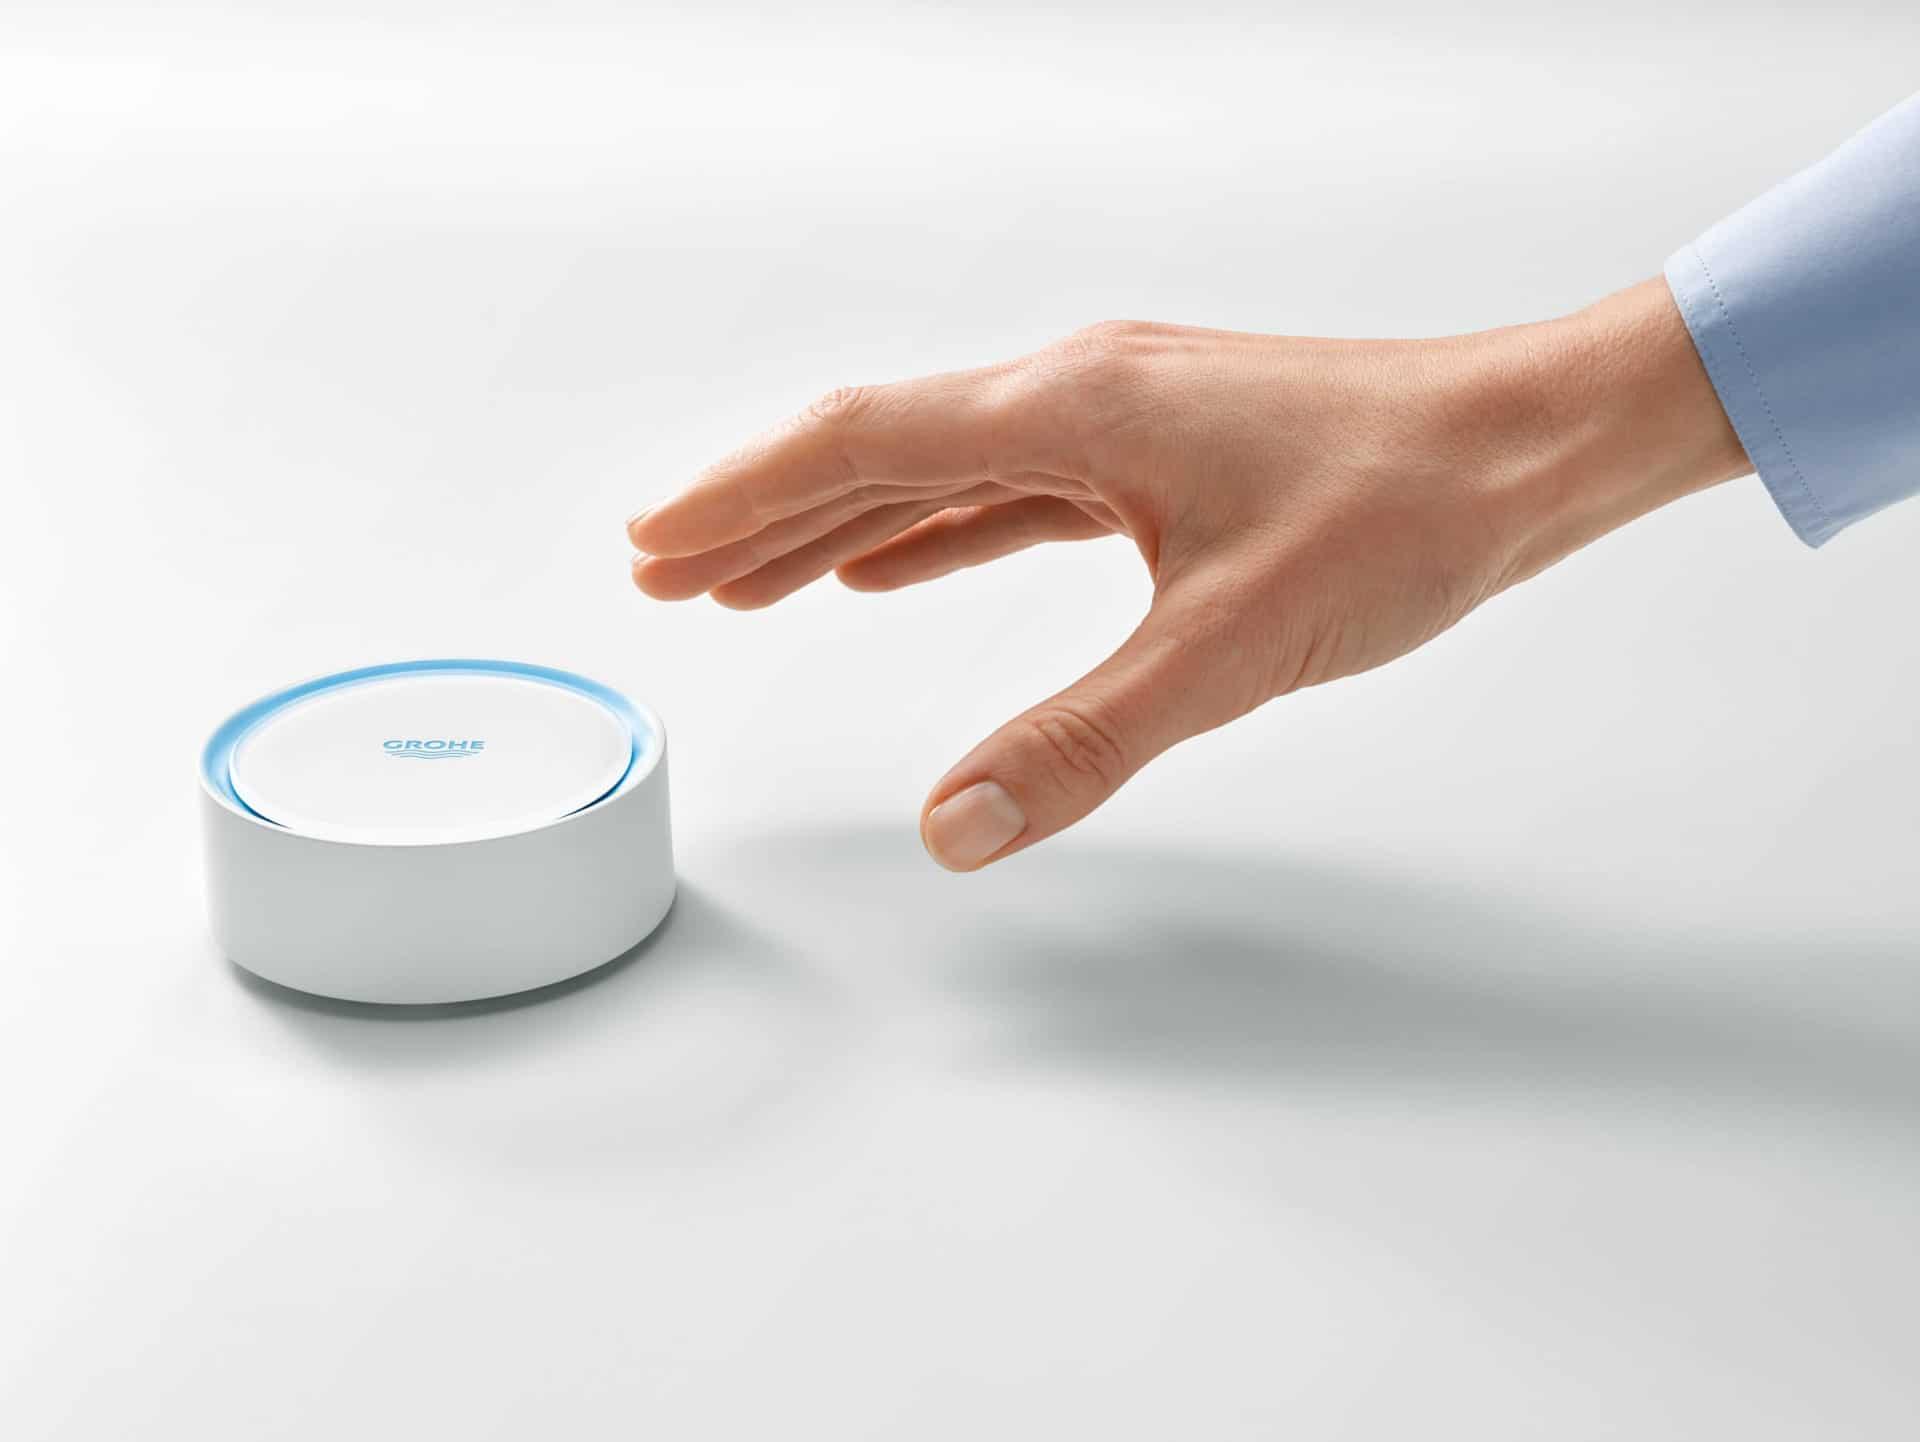 Grohe - Sense une innovation intégrée au Concept YRYS